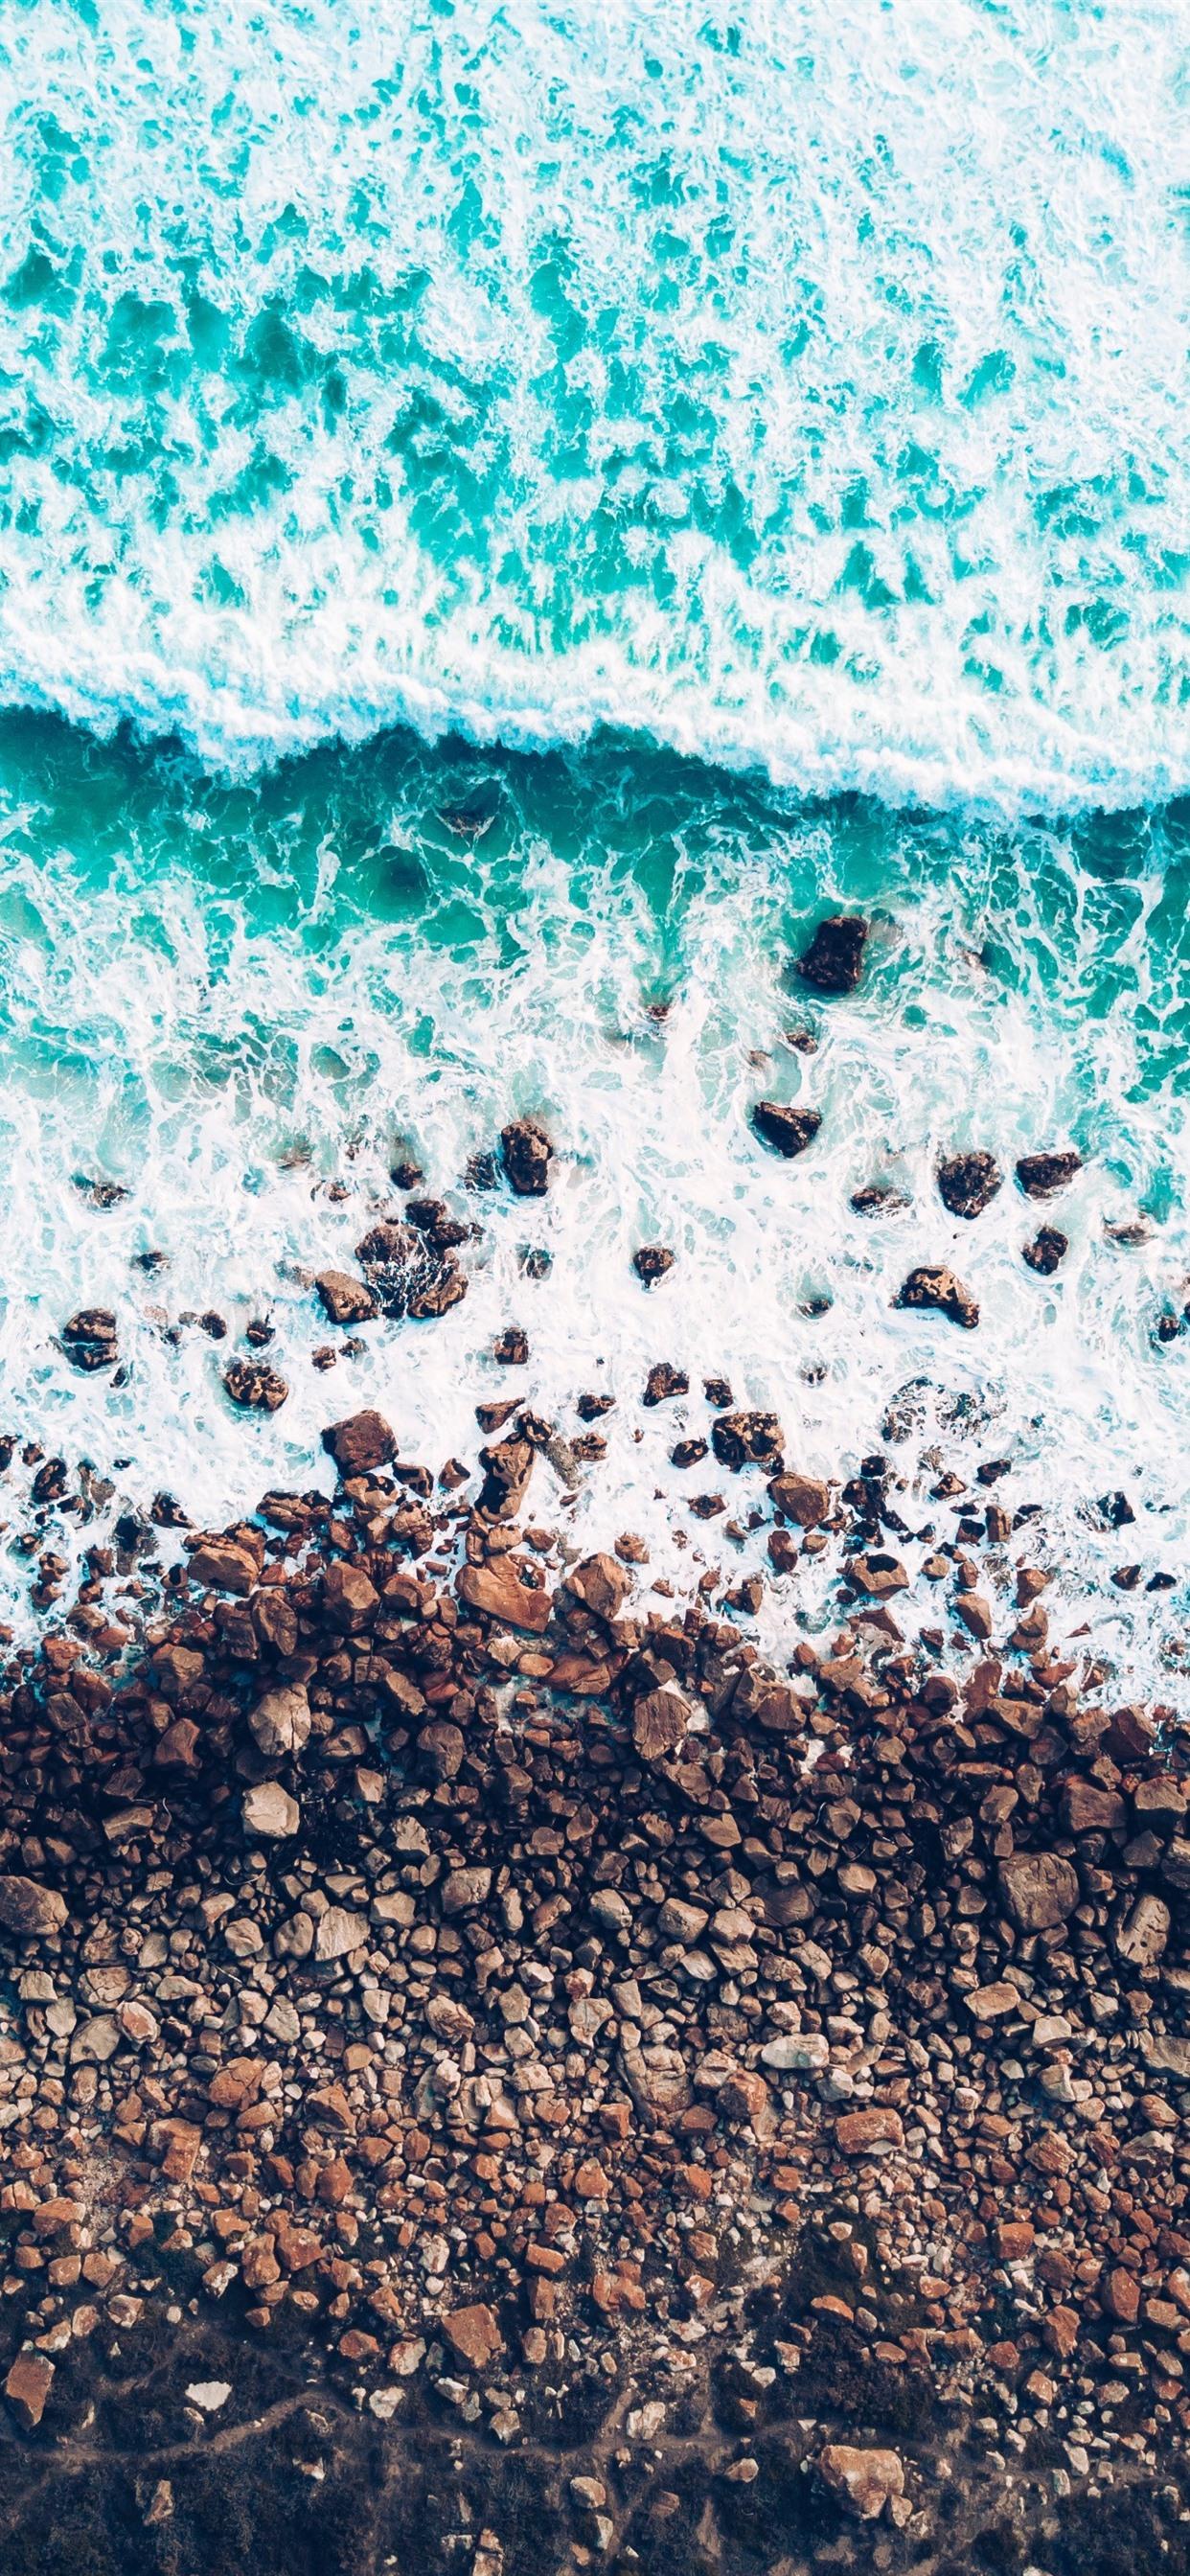 Wallpaper Blue Sea Waves Foam Stones 3840x2160 Uhd 4k